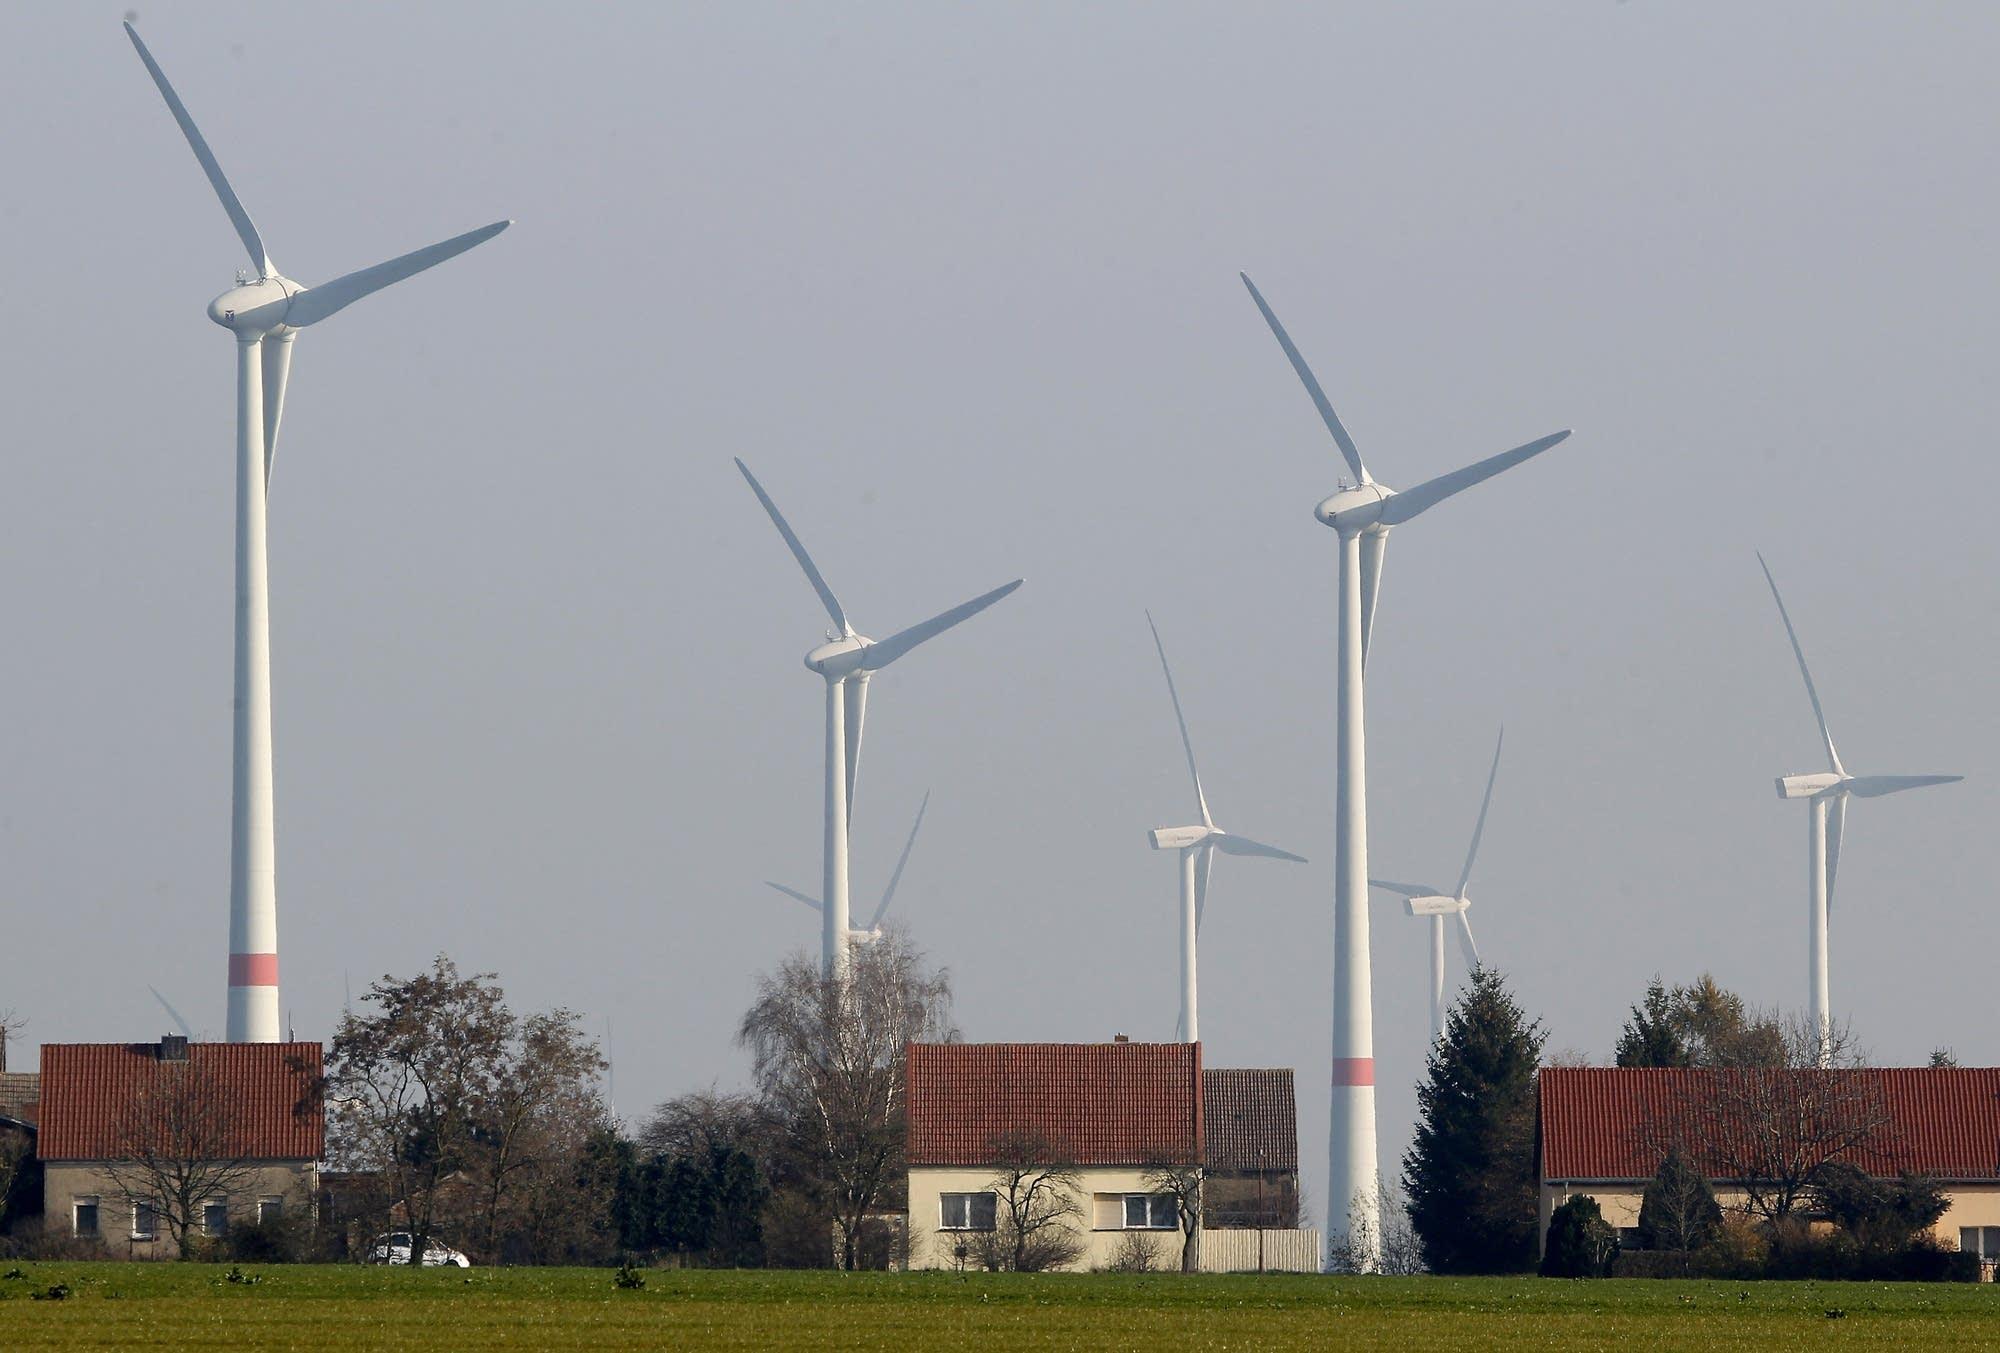 Wind turbines in a village near Berlin, Germany.